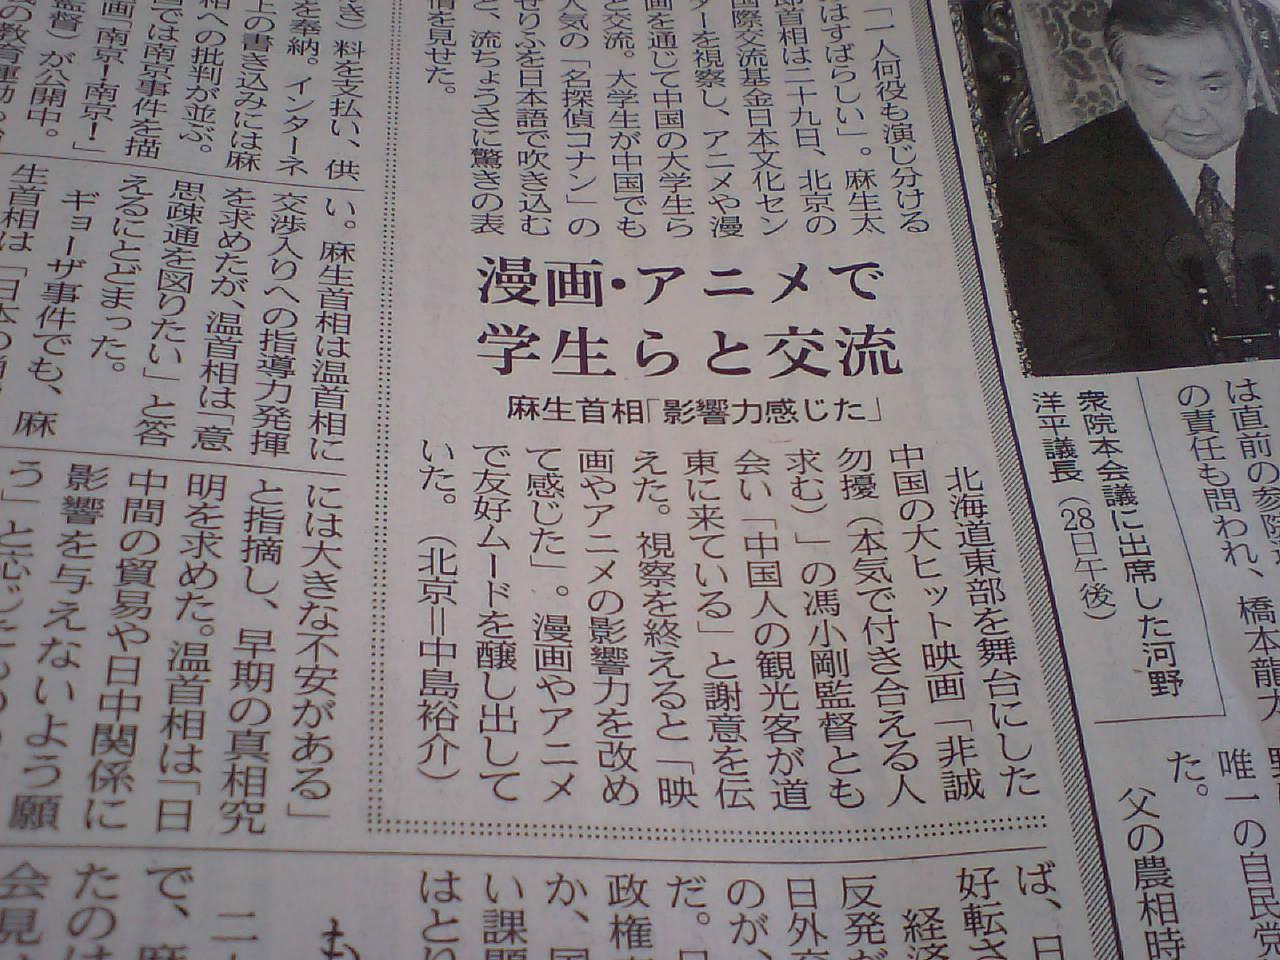 《非誠勿撹》の日本語訳は? 日経30日の朝刊にある_d0027795_846521.jpg